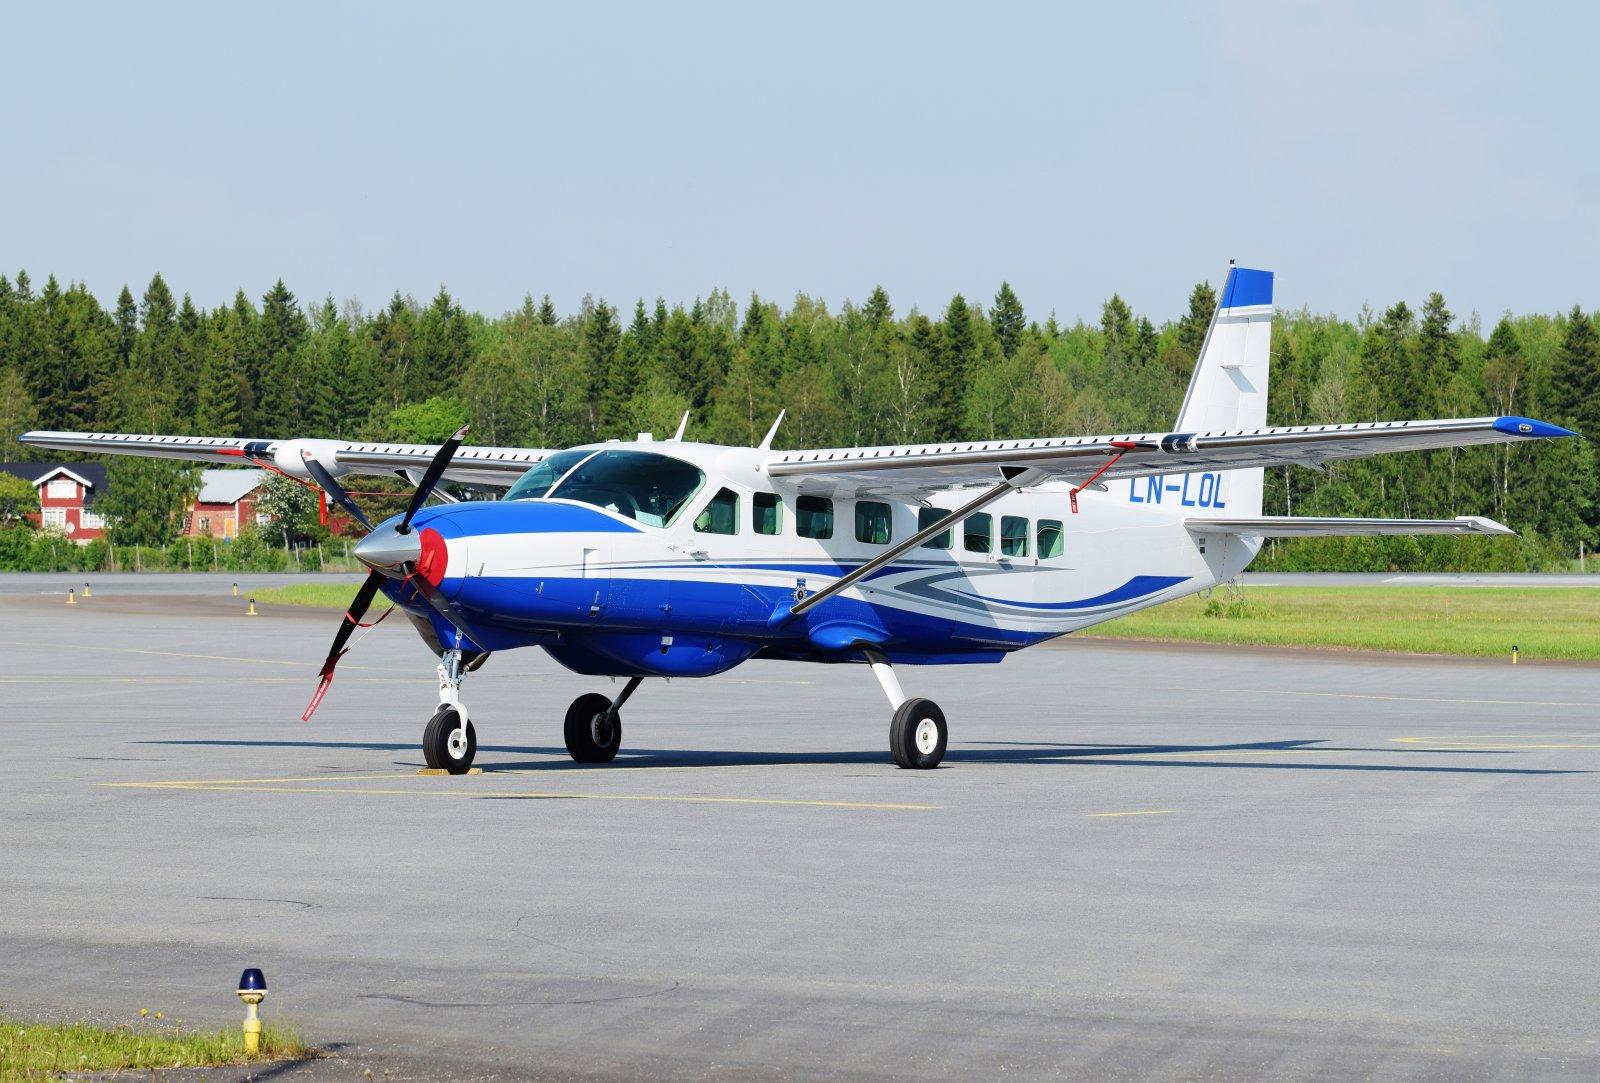 LN-LOL - Cessna 208B Grand Caravan EX - Blom Geomatics - 6.6.2019